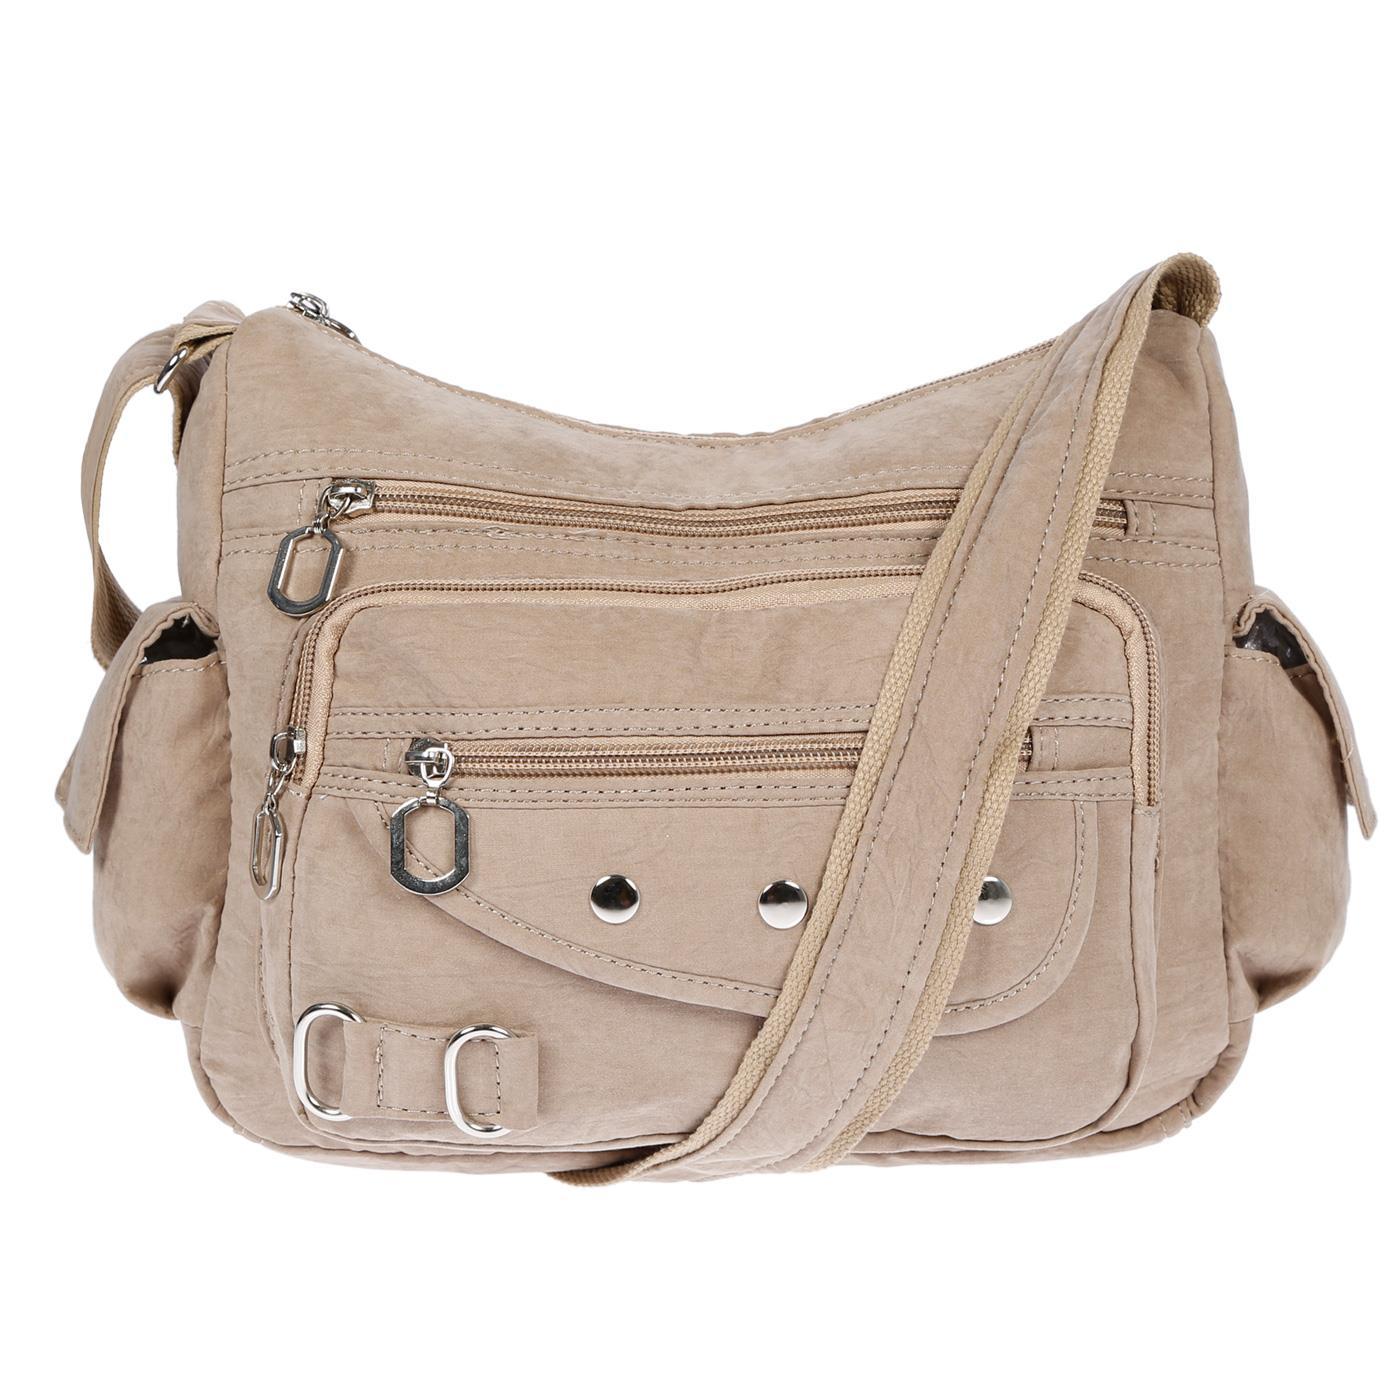 Damenhandtasche-Schultertasche-Tasche-Umhaengetasche-Canvas-Shopper-Crossover-Bag Indexbild 32